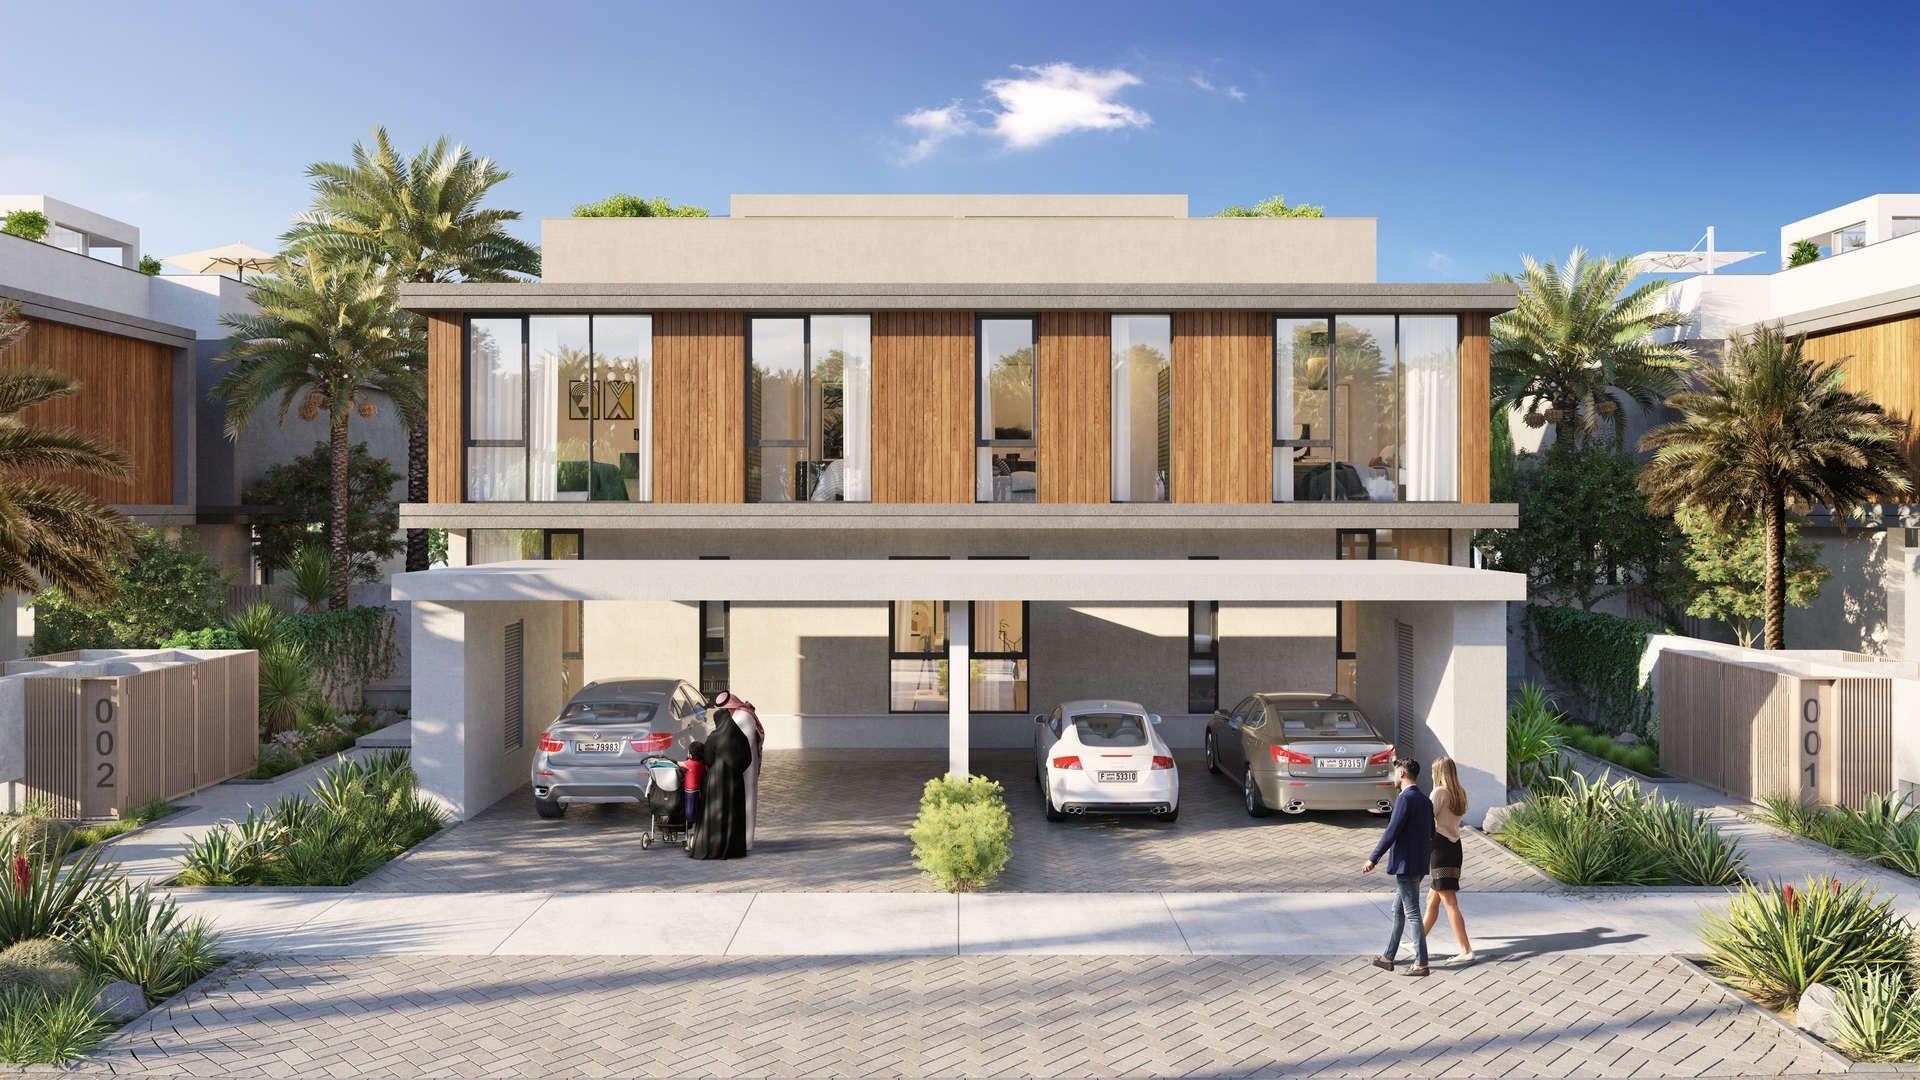 Adosado en venta en Dubai, EAU, 4 dormitorios, 292 m2, № 24375 – foto 1